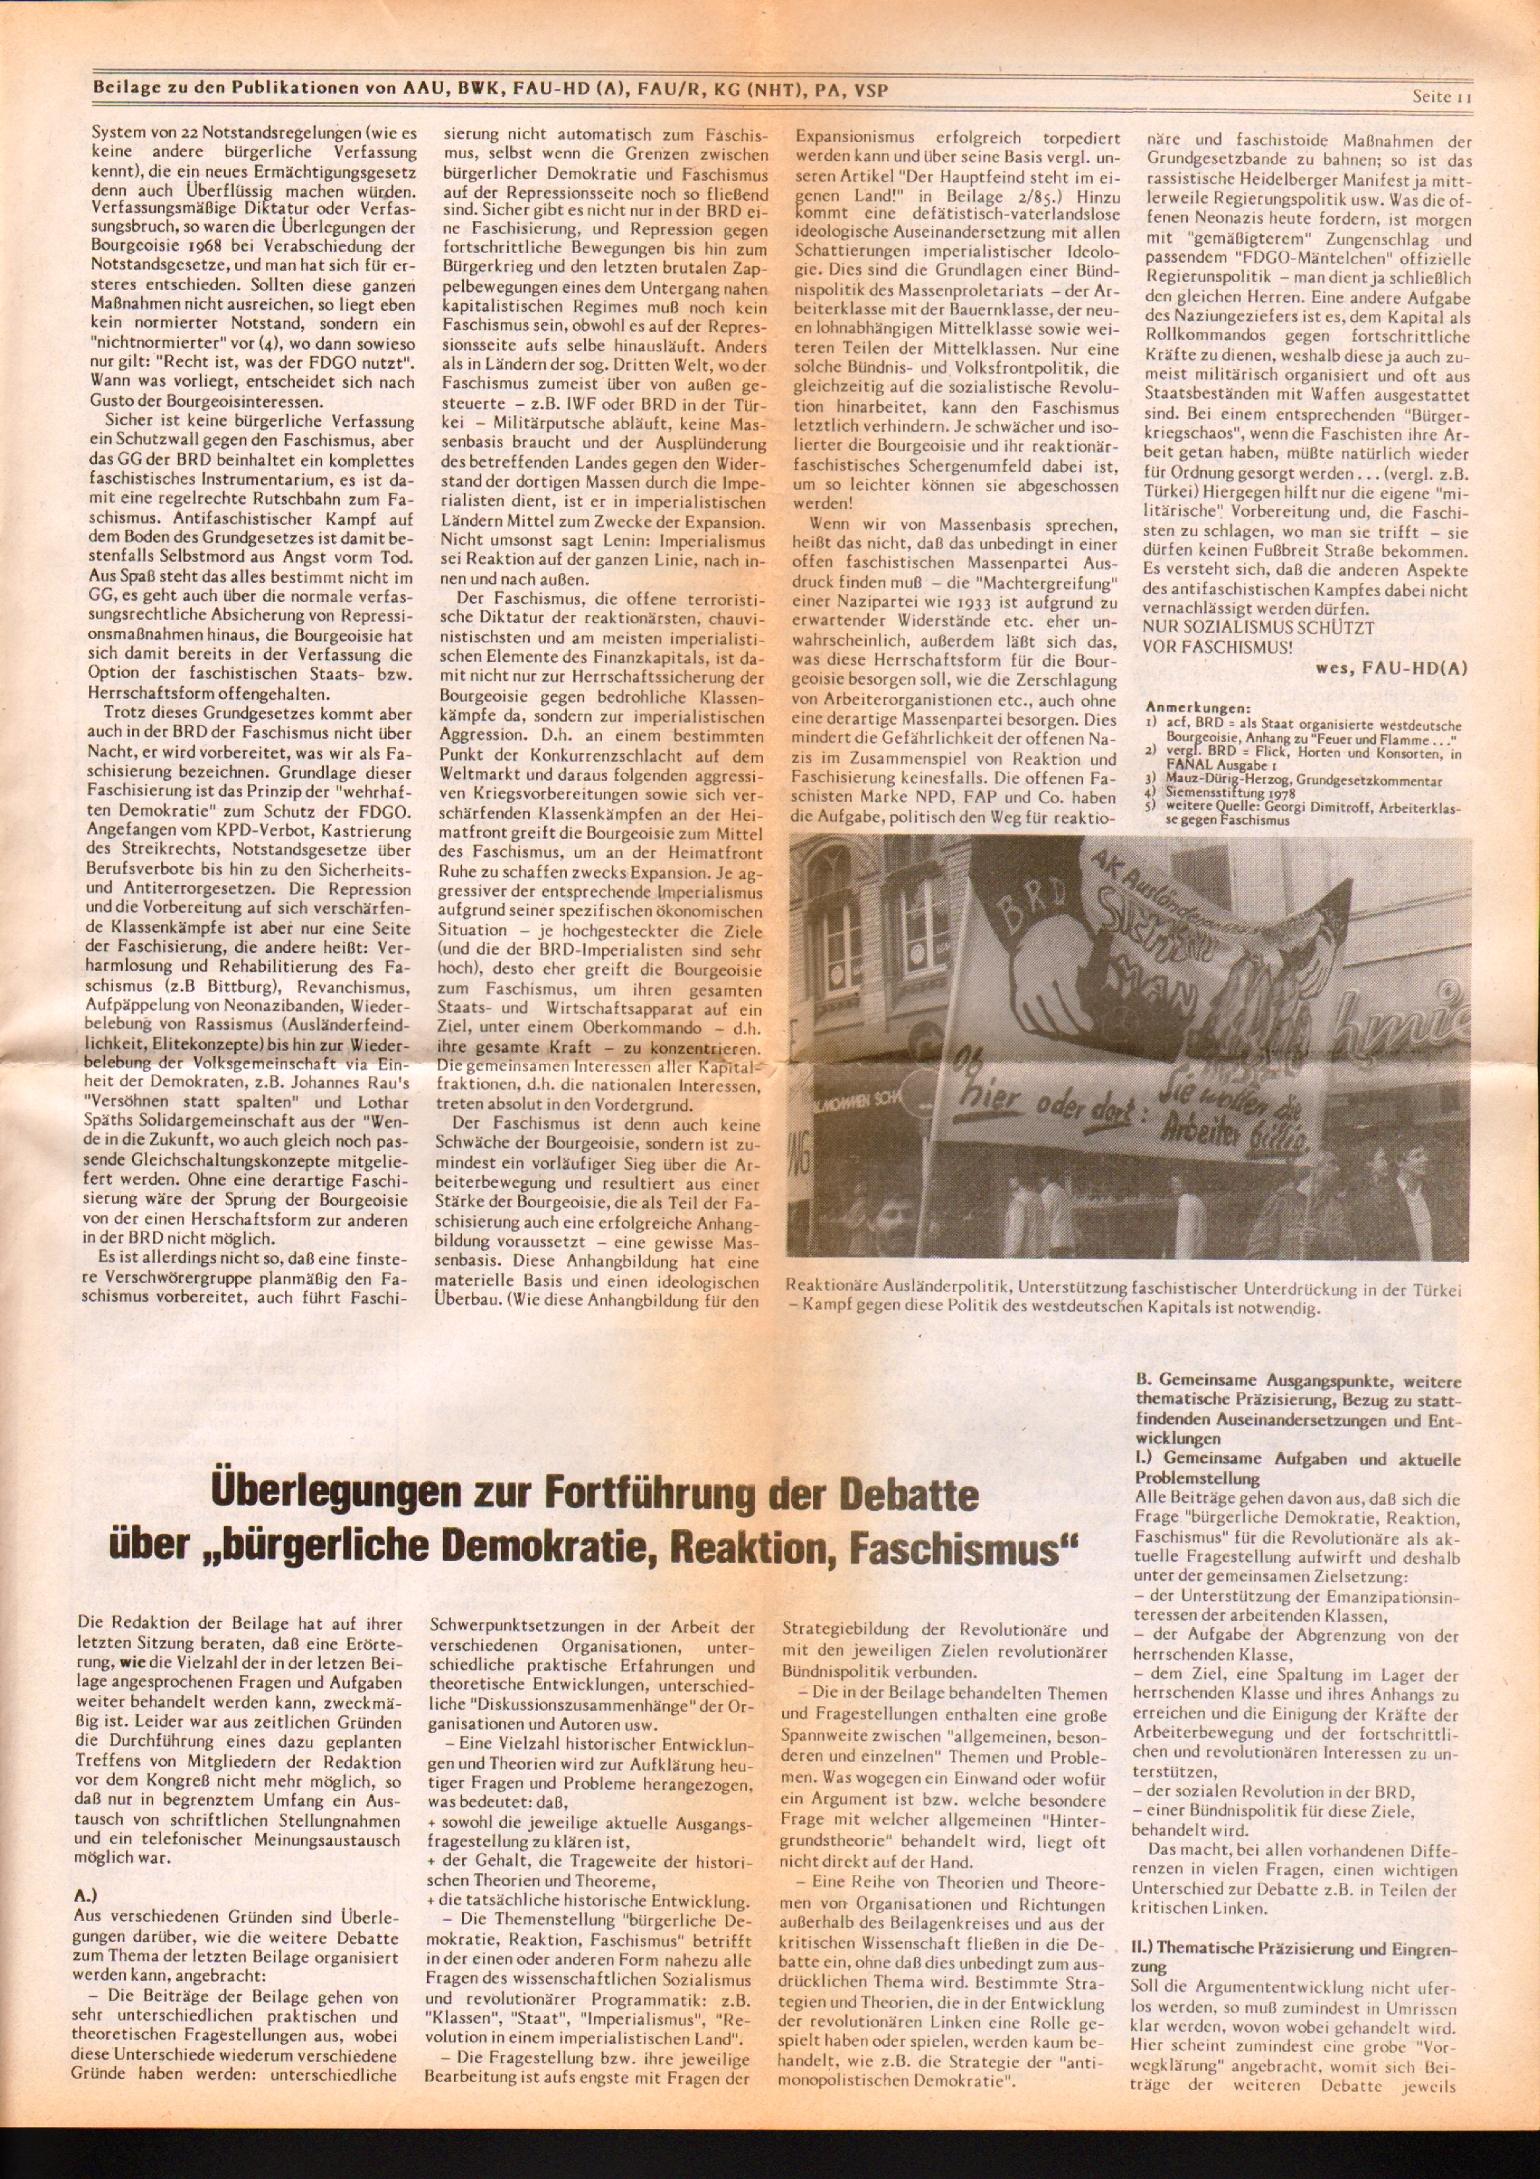 Gemeinsame_Beilage_1986_04_11